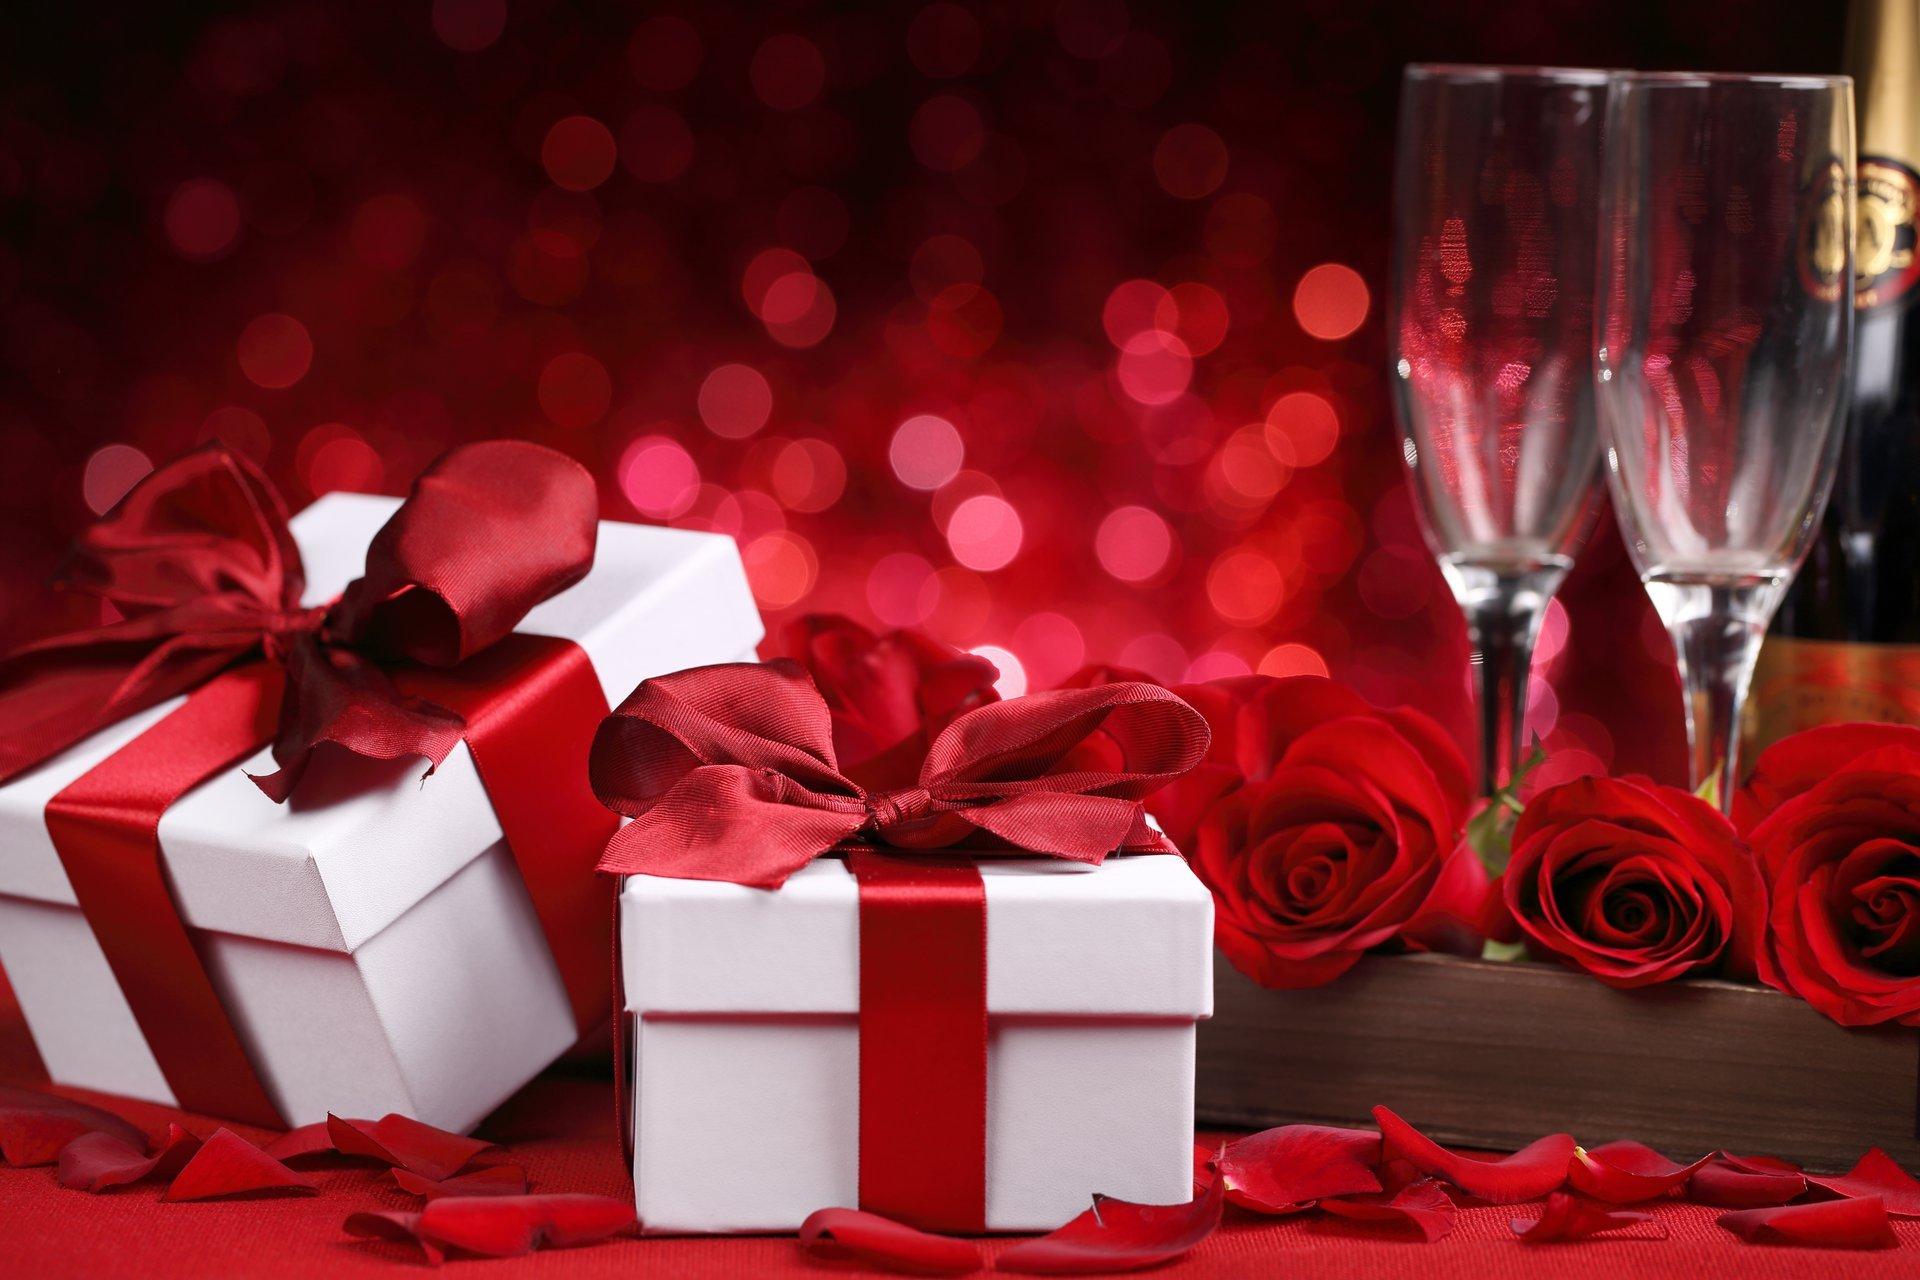 Картинок, романтические открытки для девушек с днем рождения